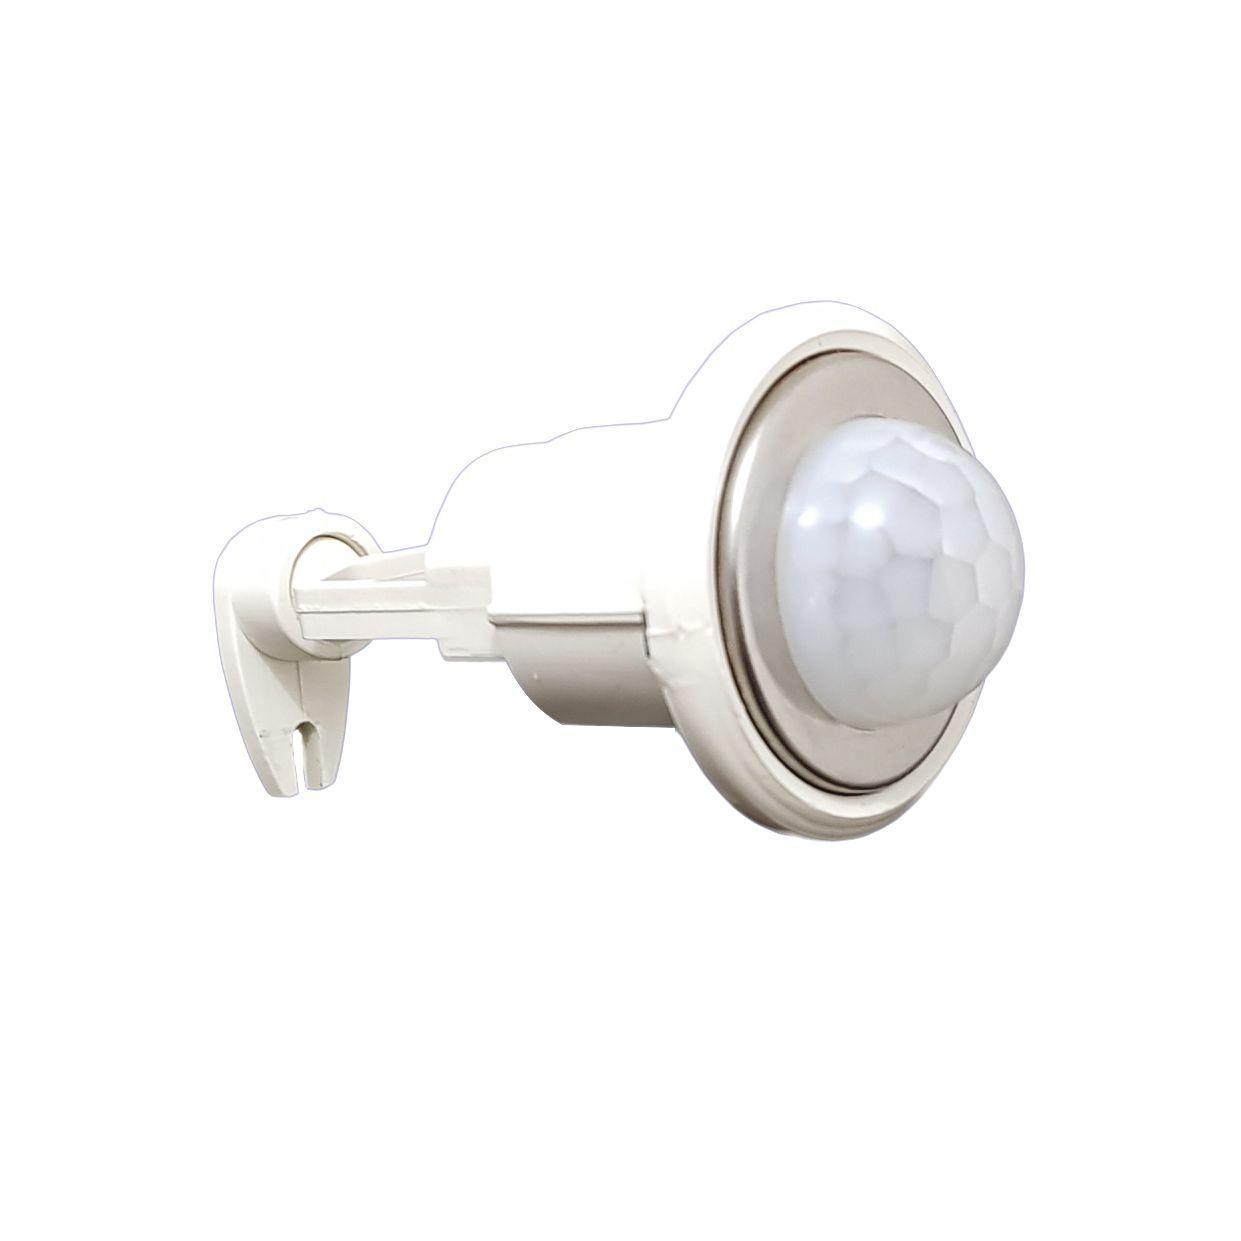 Mini Sensor De Presença Sobrepor Com Fotocelula 3,2x2,7CM ASU-10/SOB Authome